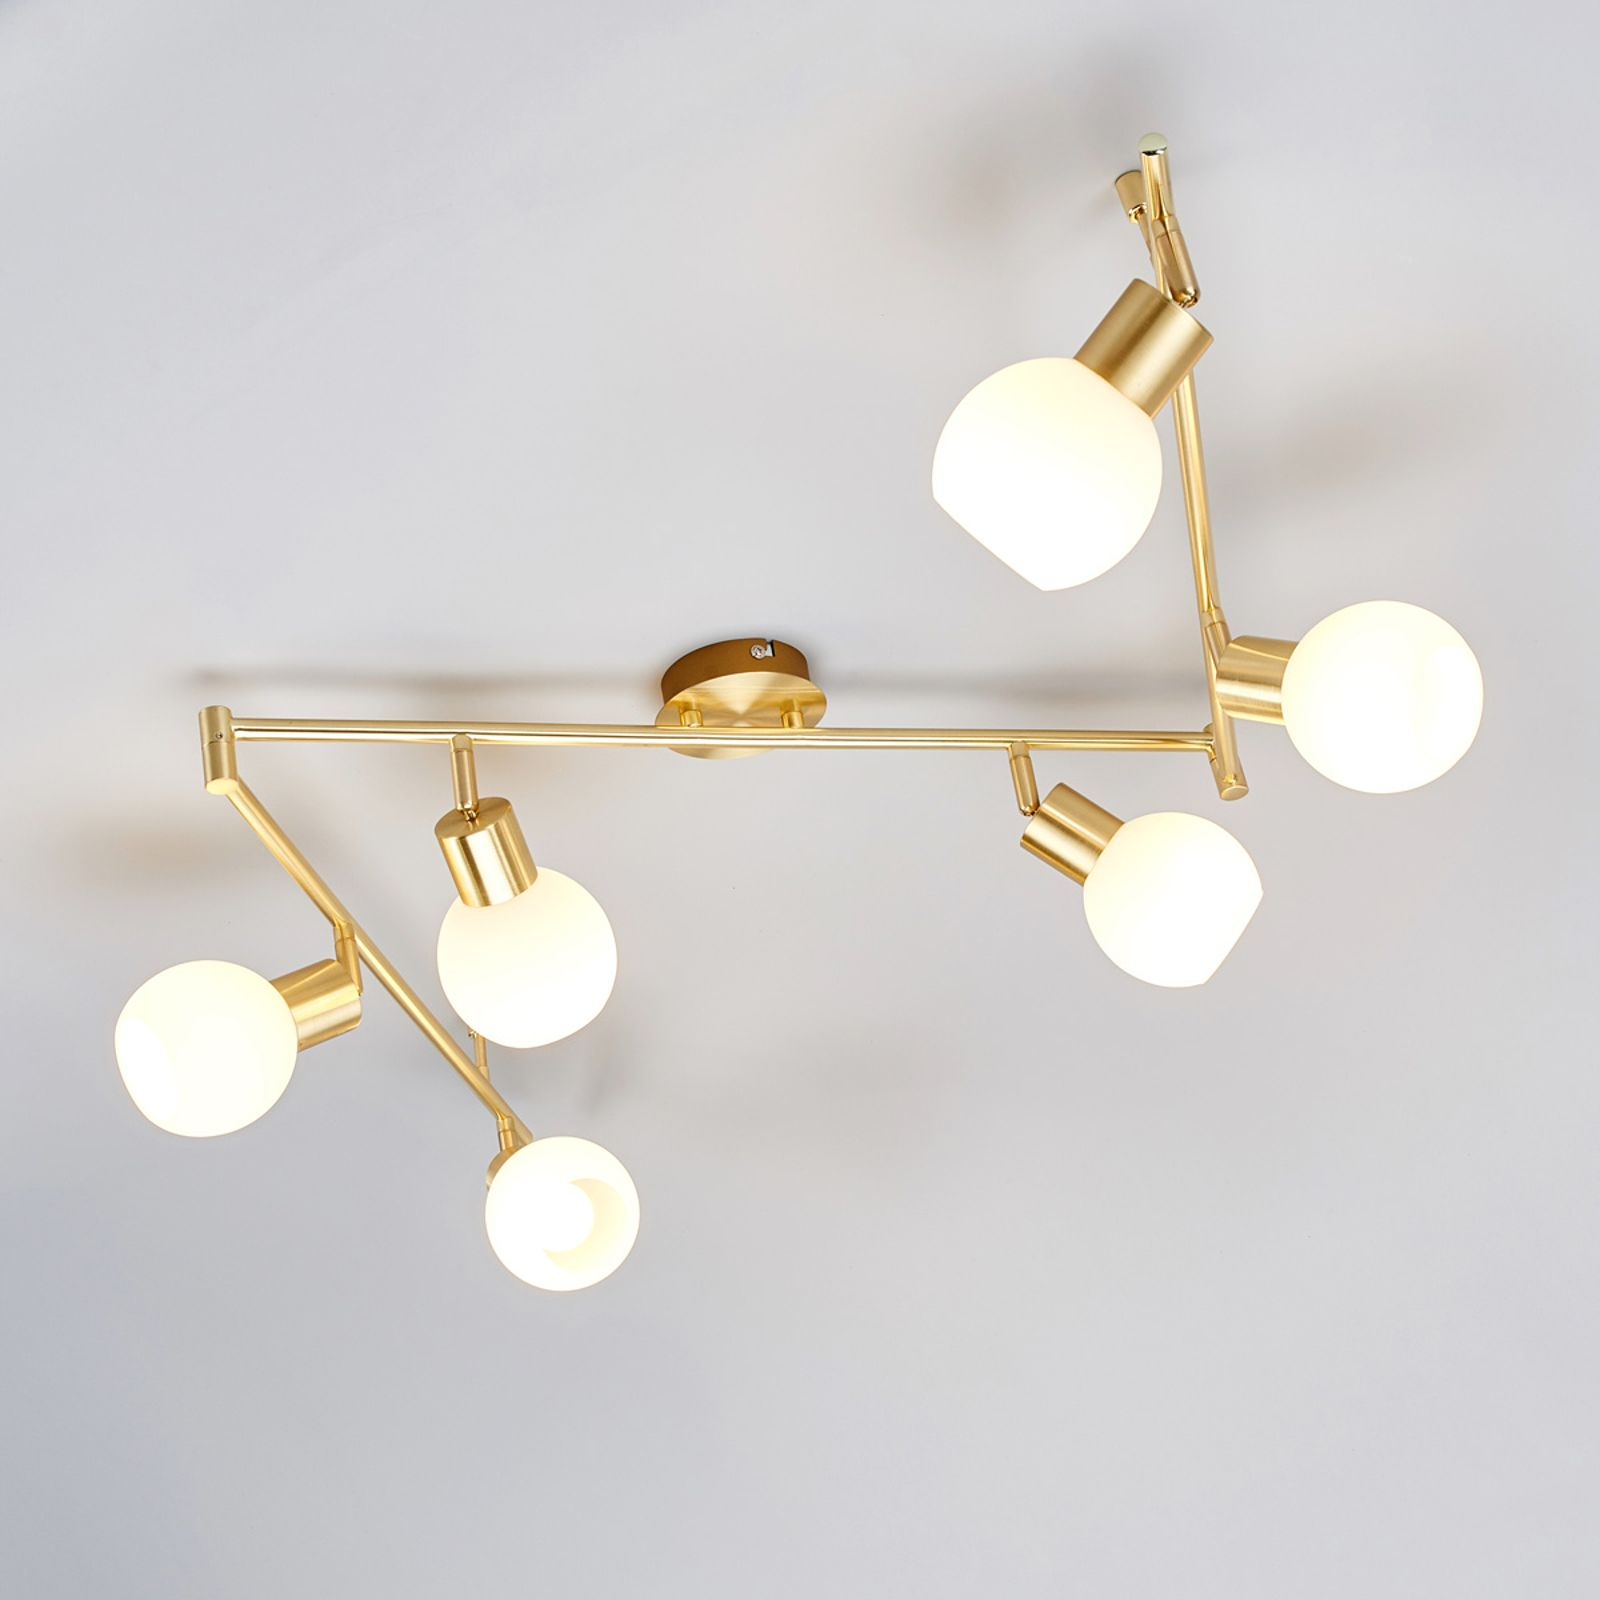 Strahler Von Lindby Gold Deckenlampe Beleuchtung Decke Led Deckenlampen